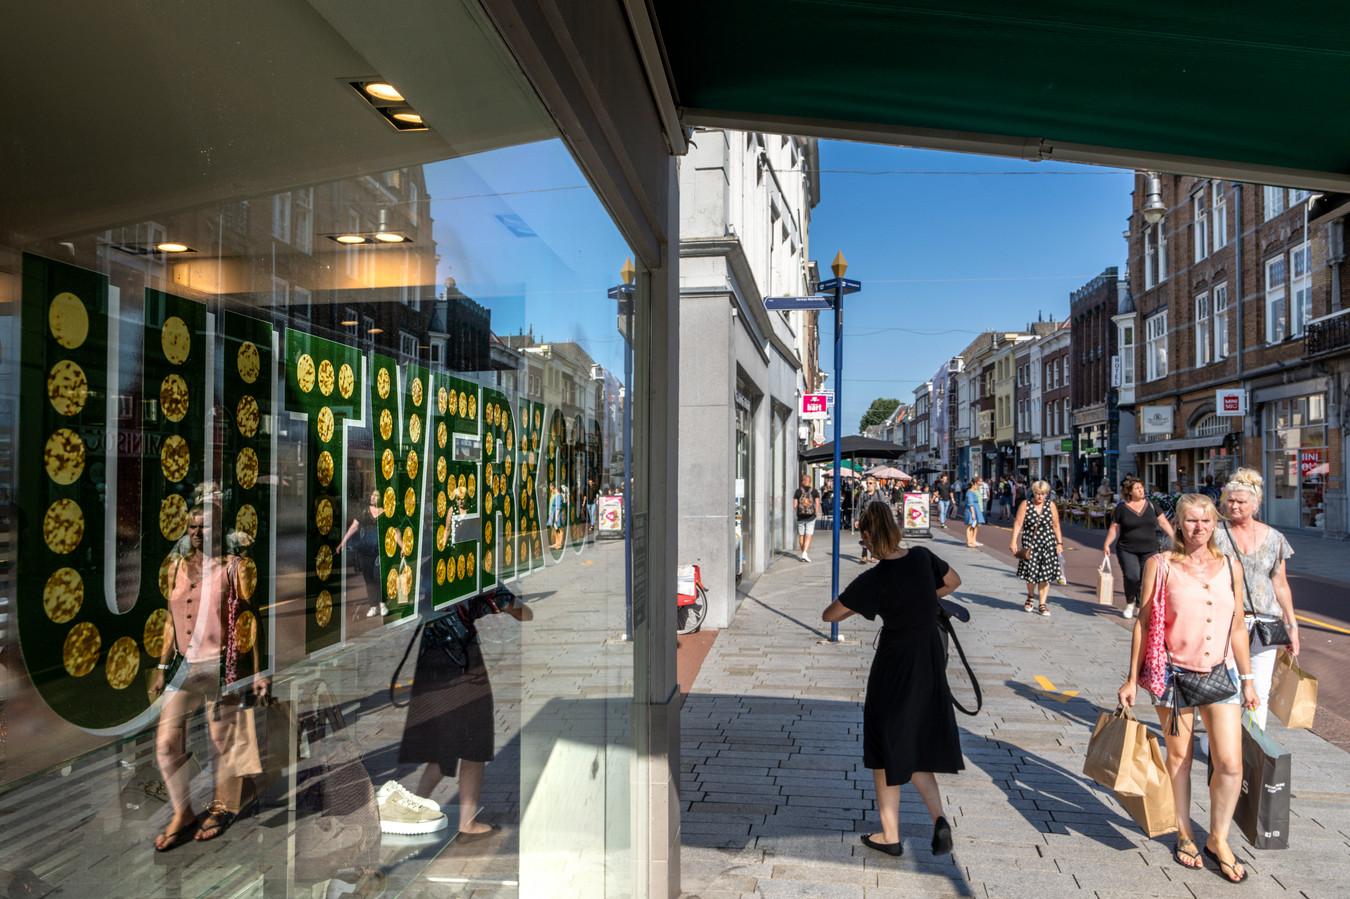 Winkelen op de Hinthamerpromenade. Het publiek geeft dit jaar meer geld uit dan verwacht.